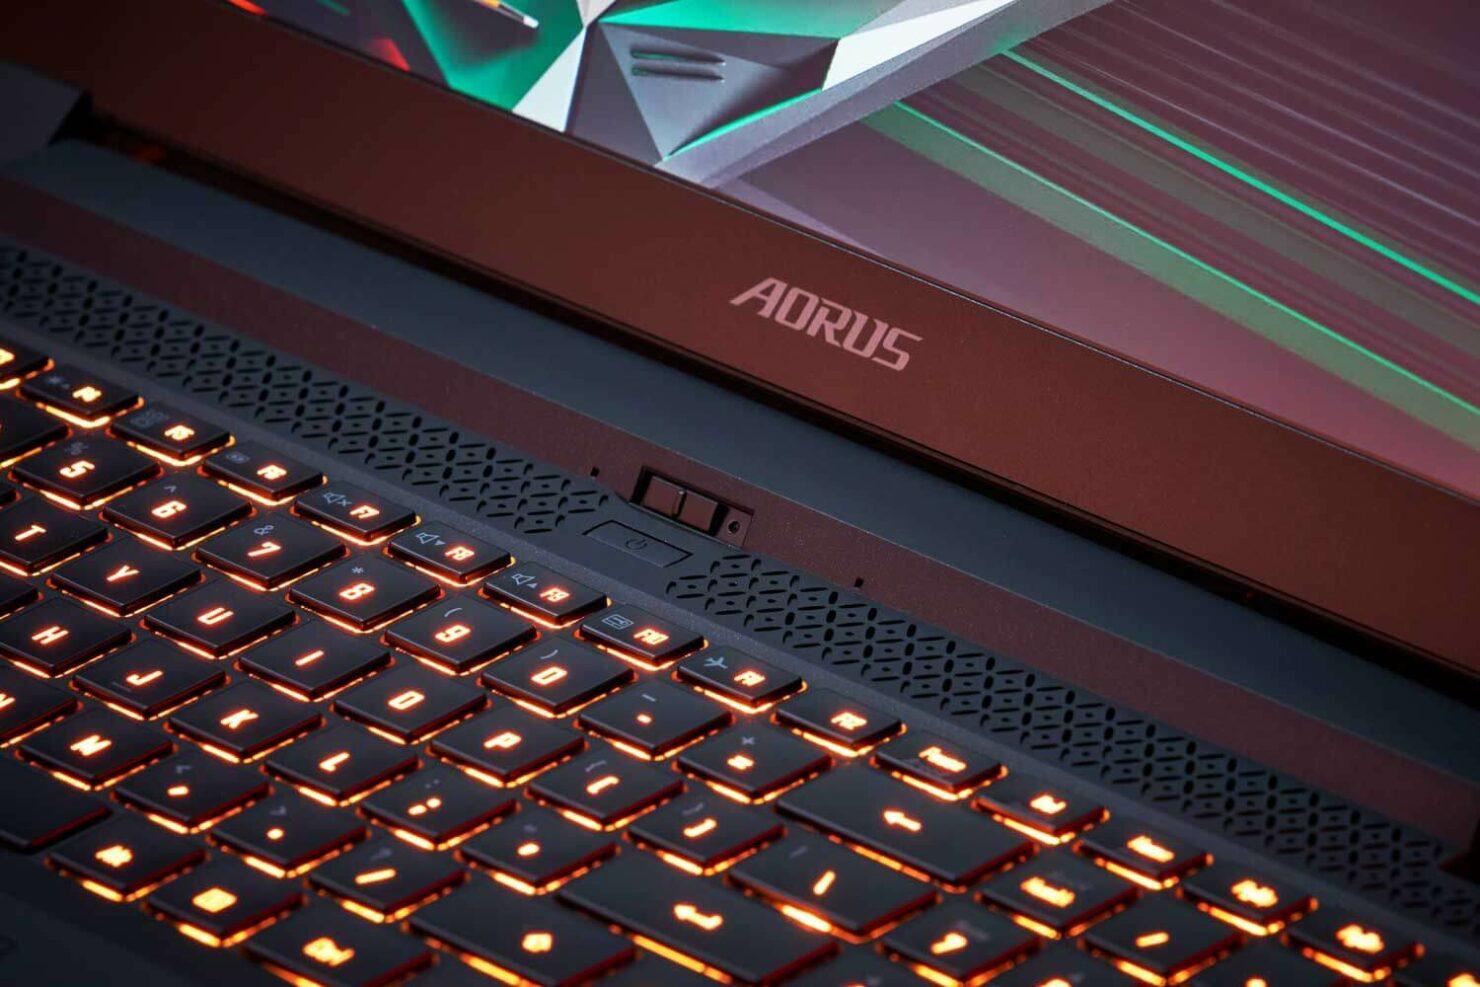 aorus-intel-11th-gen-gaming-laptop-3